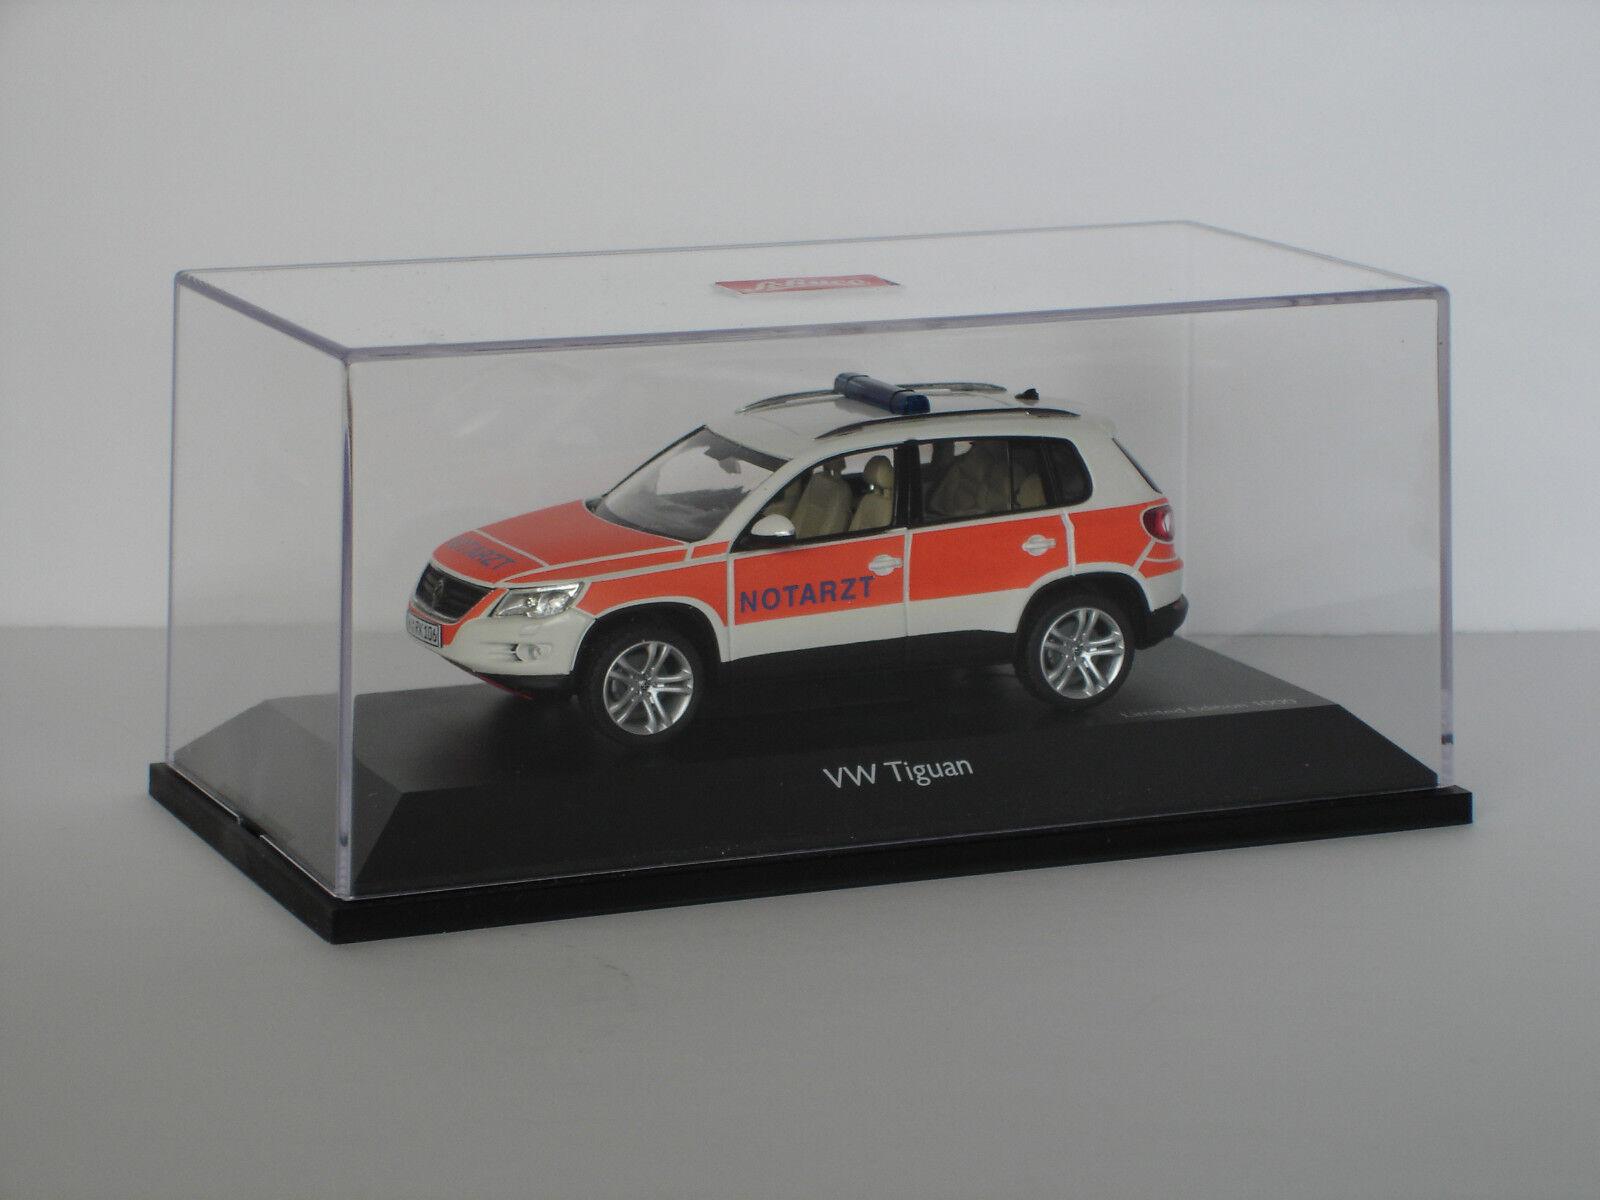 VW Tiguan  NOTARTZ    - Edición Limitada - 1 43 - Schuco (04985) 7d77ed